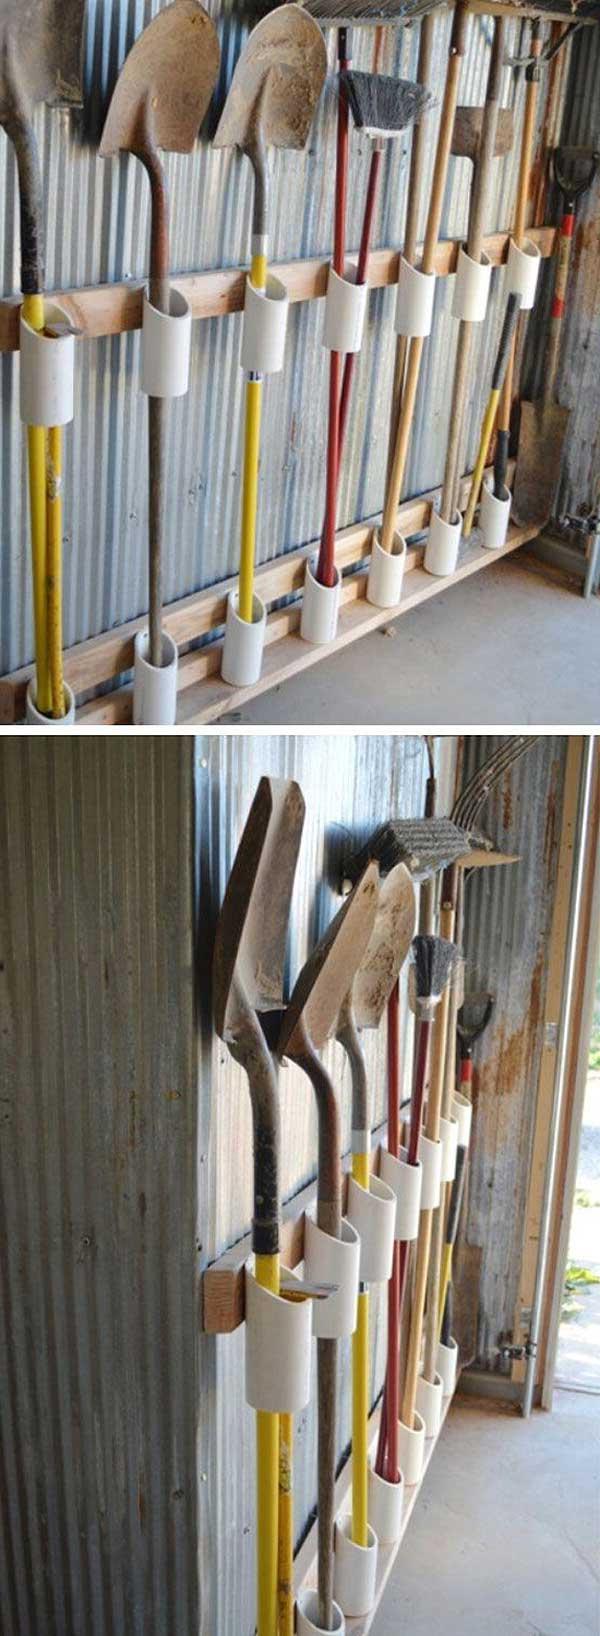 canos de PVC dão bons suportes pra ferramentas maiores